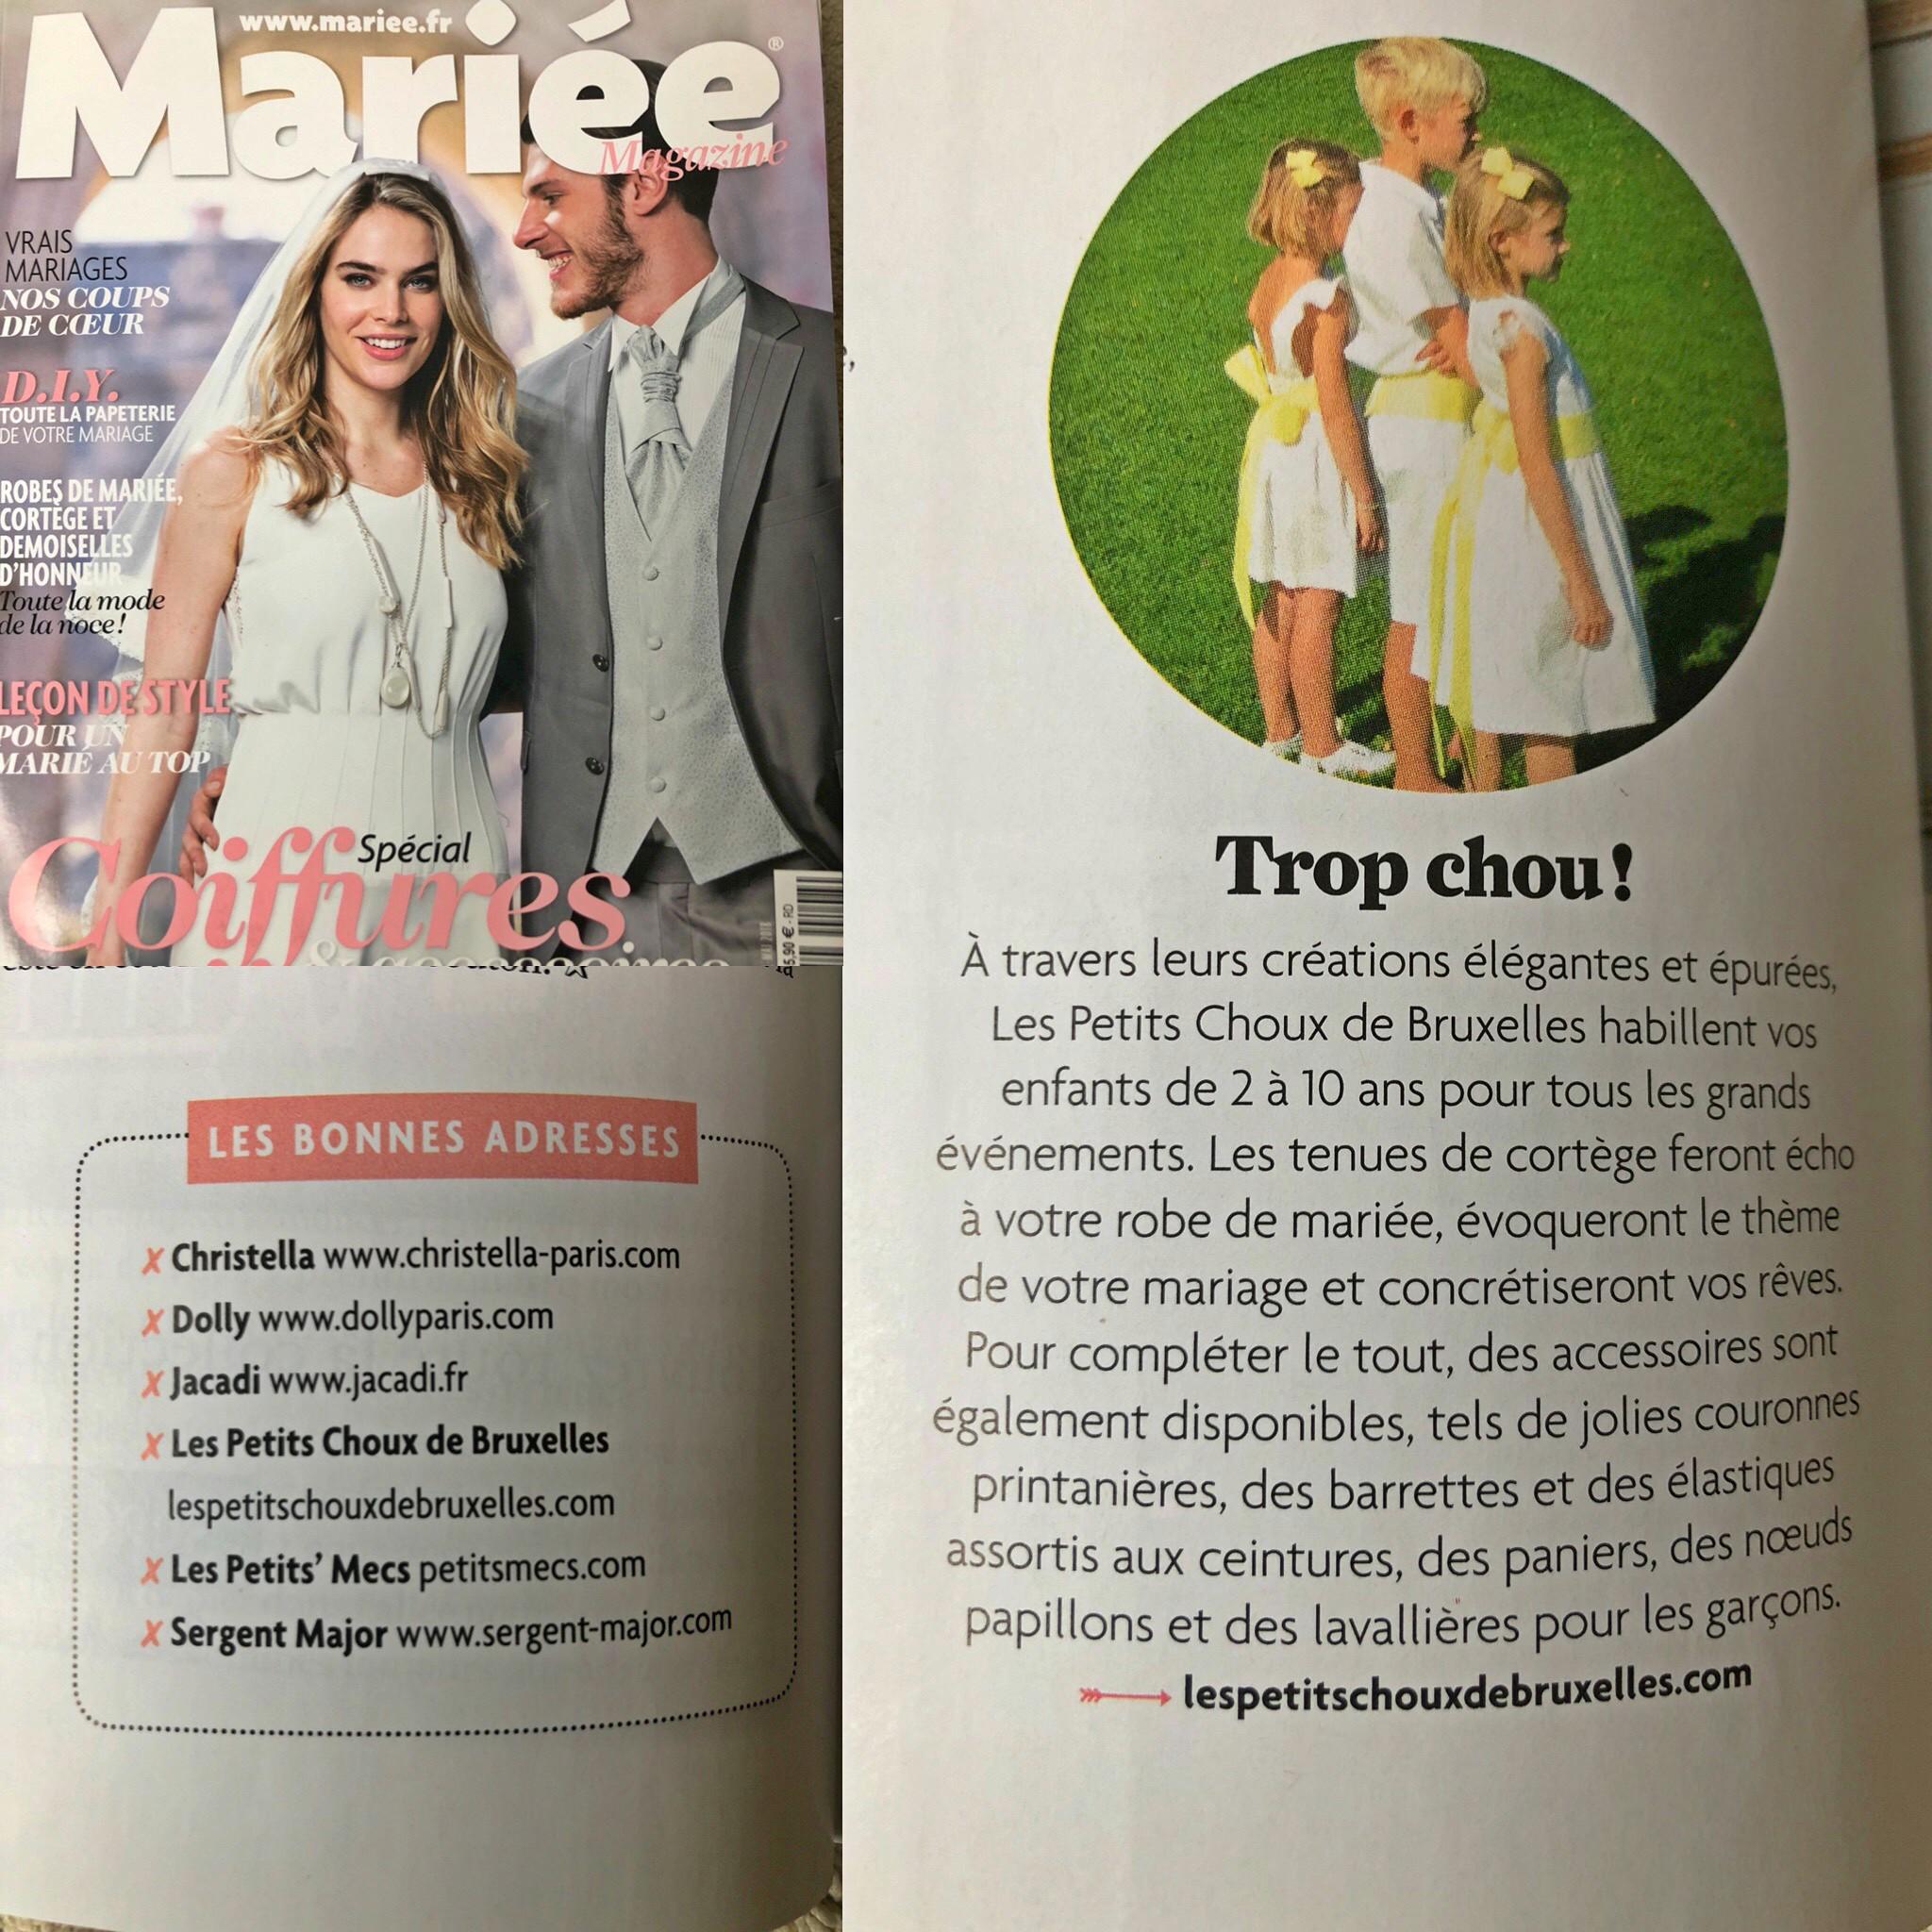 Les petits choux de Bruxelles (tenues d'enfants d'honneur personnalisables) dans Mariée Magazine de mars 2018